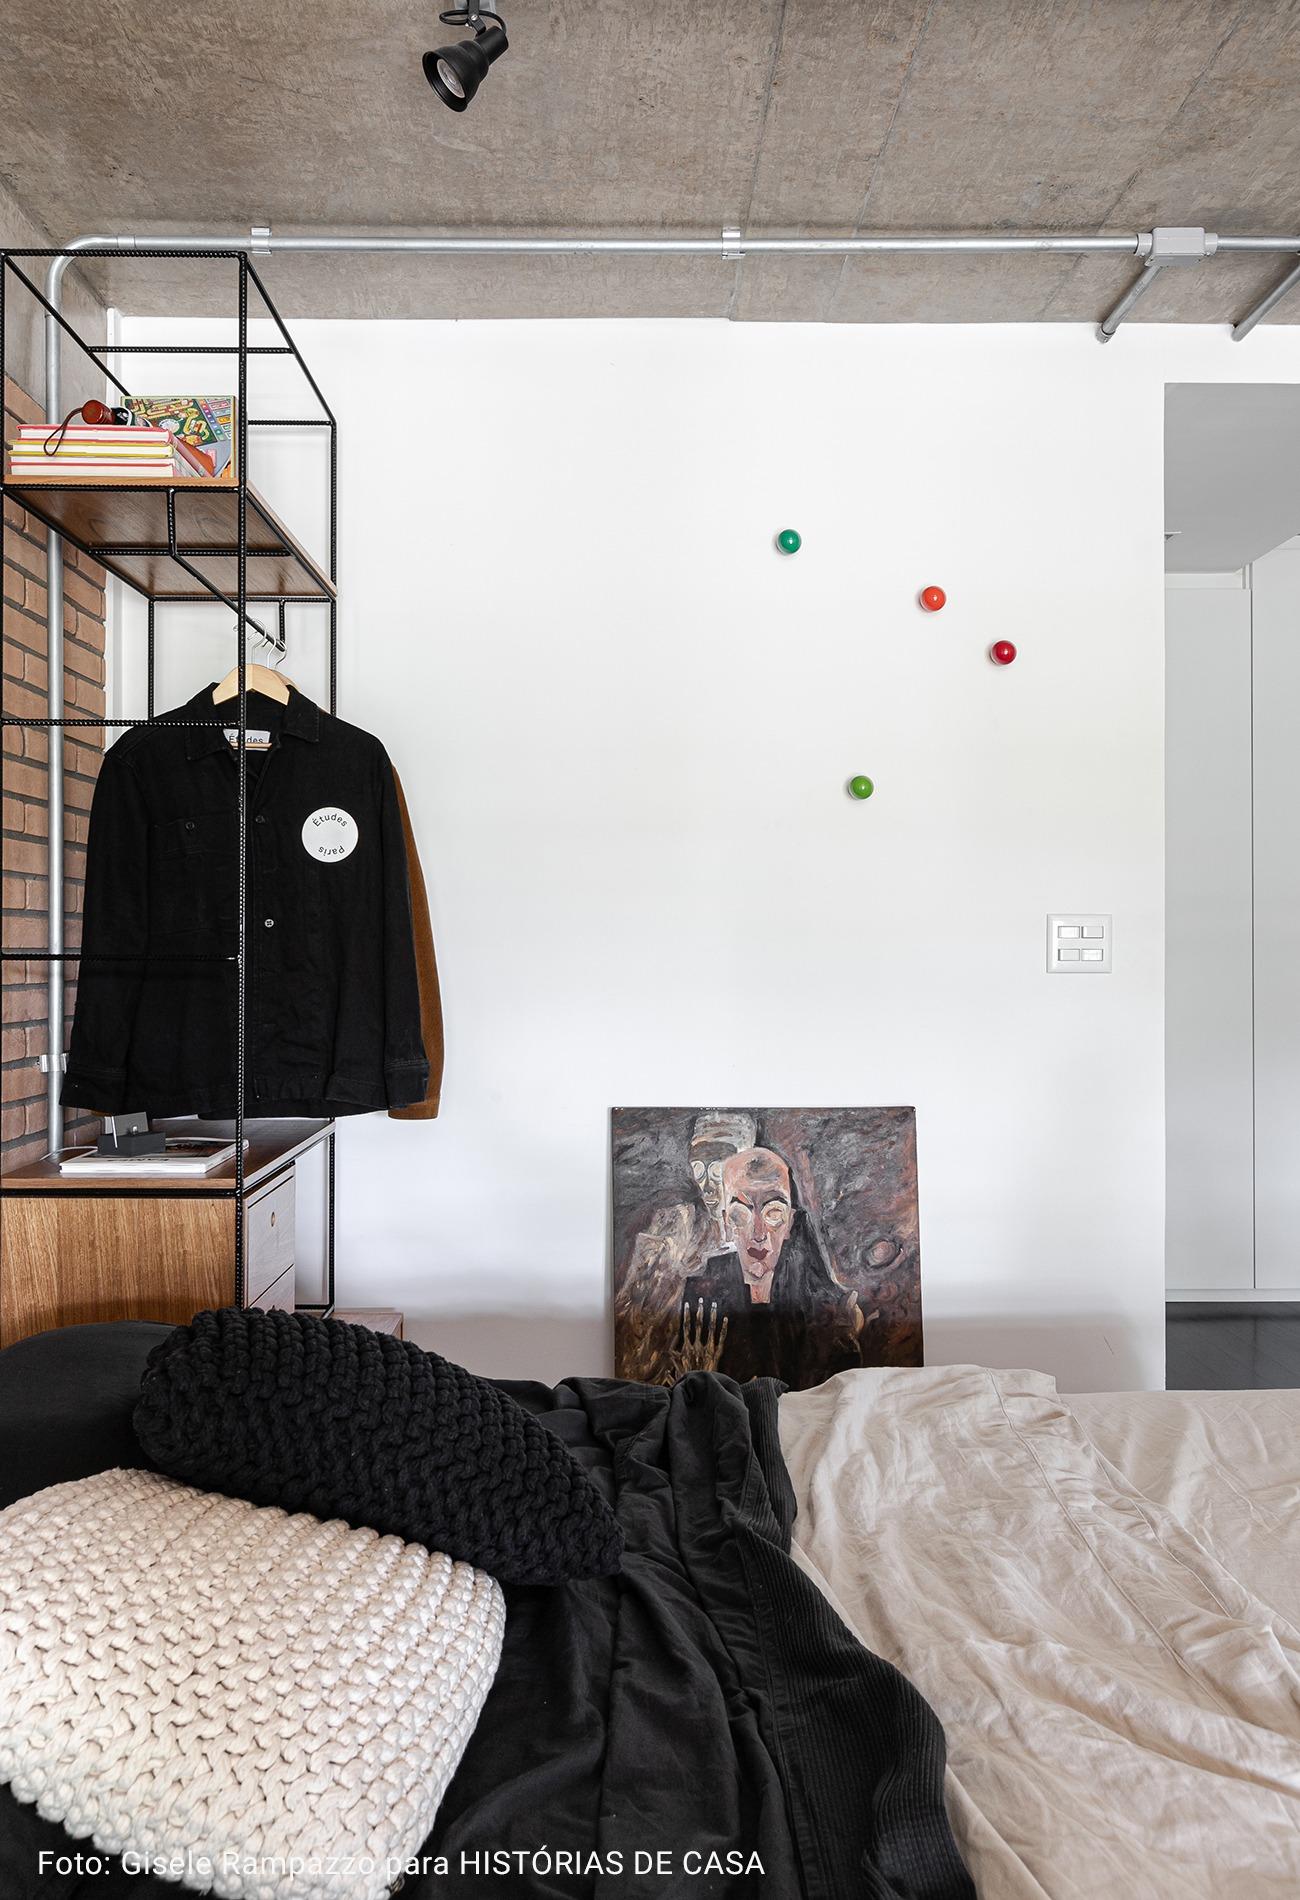 quarto com roupa de cama preta